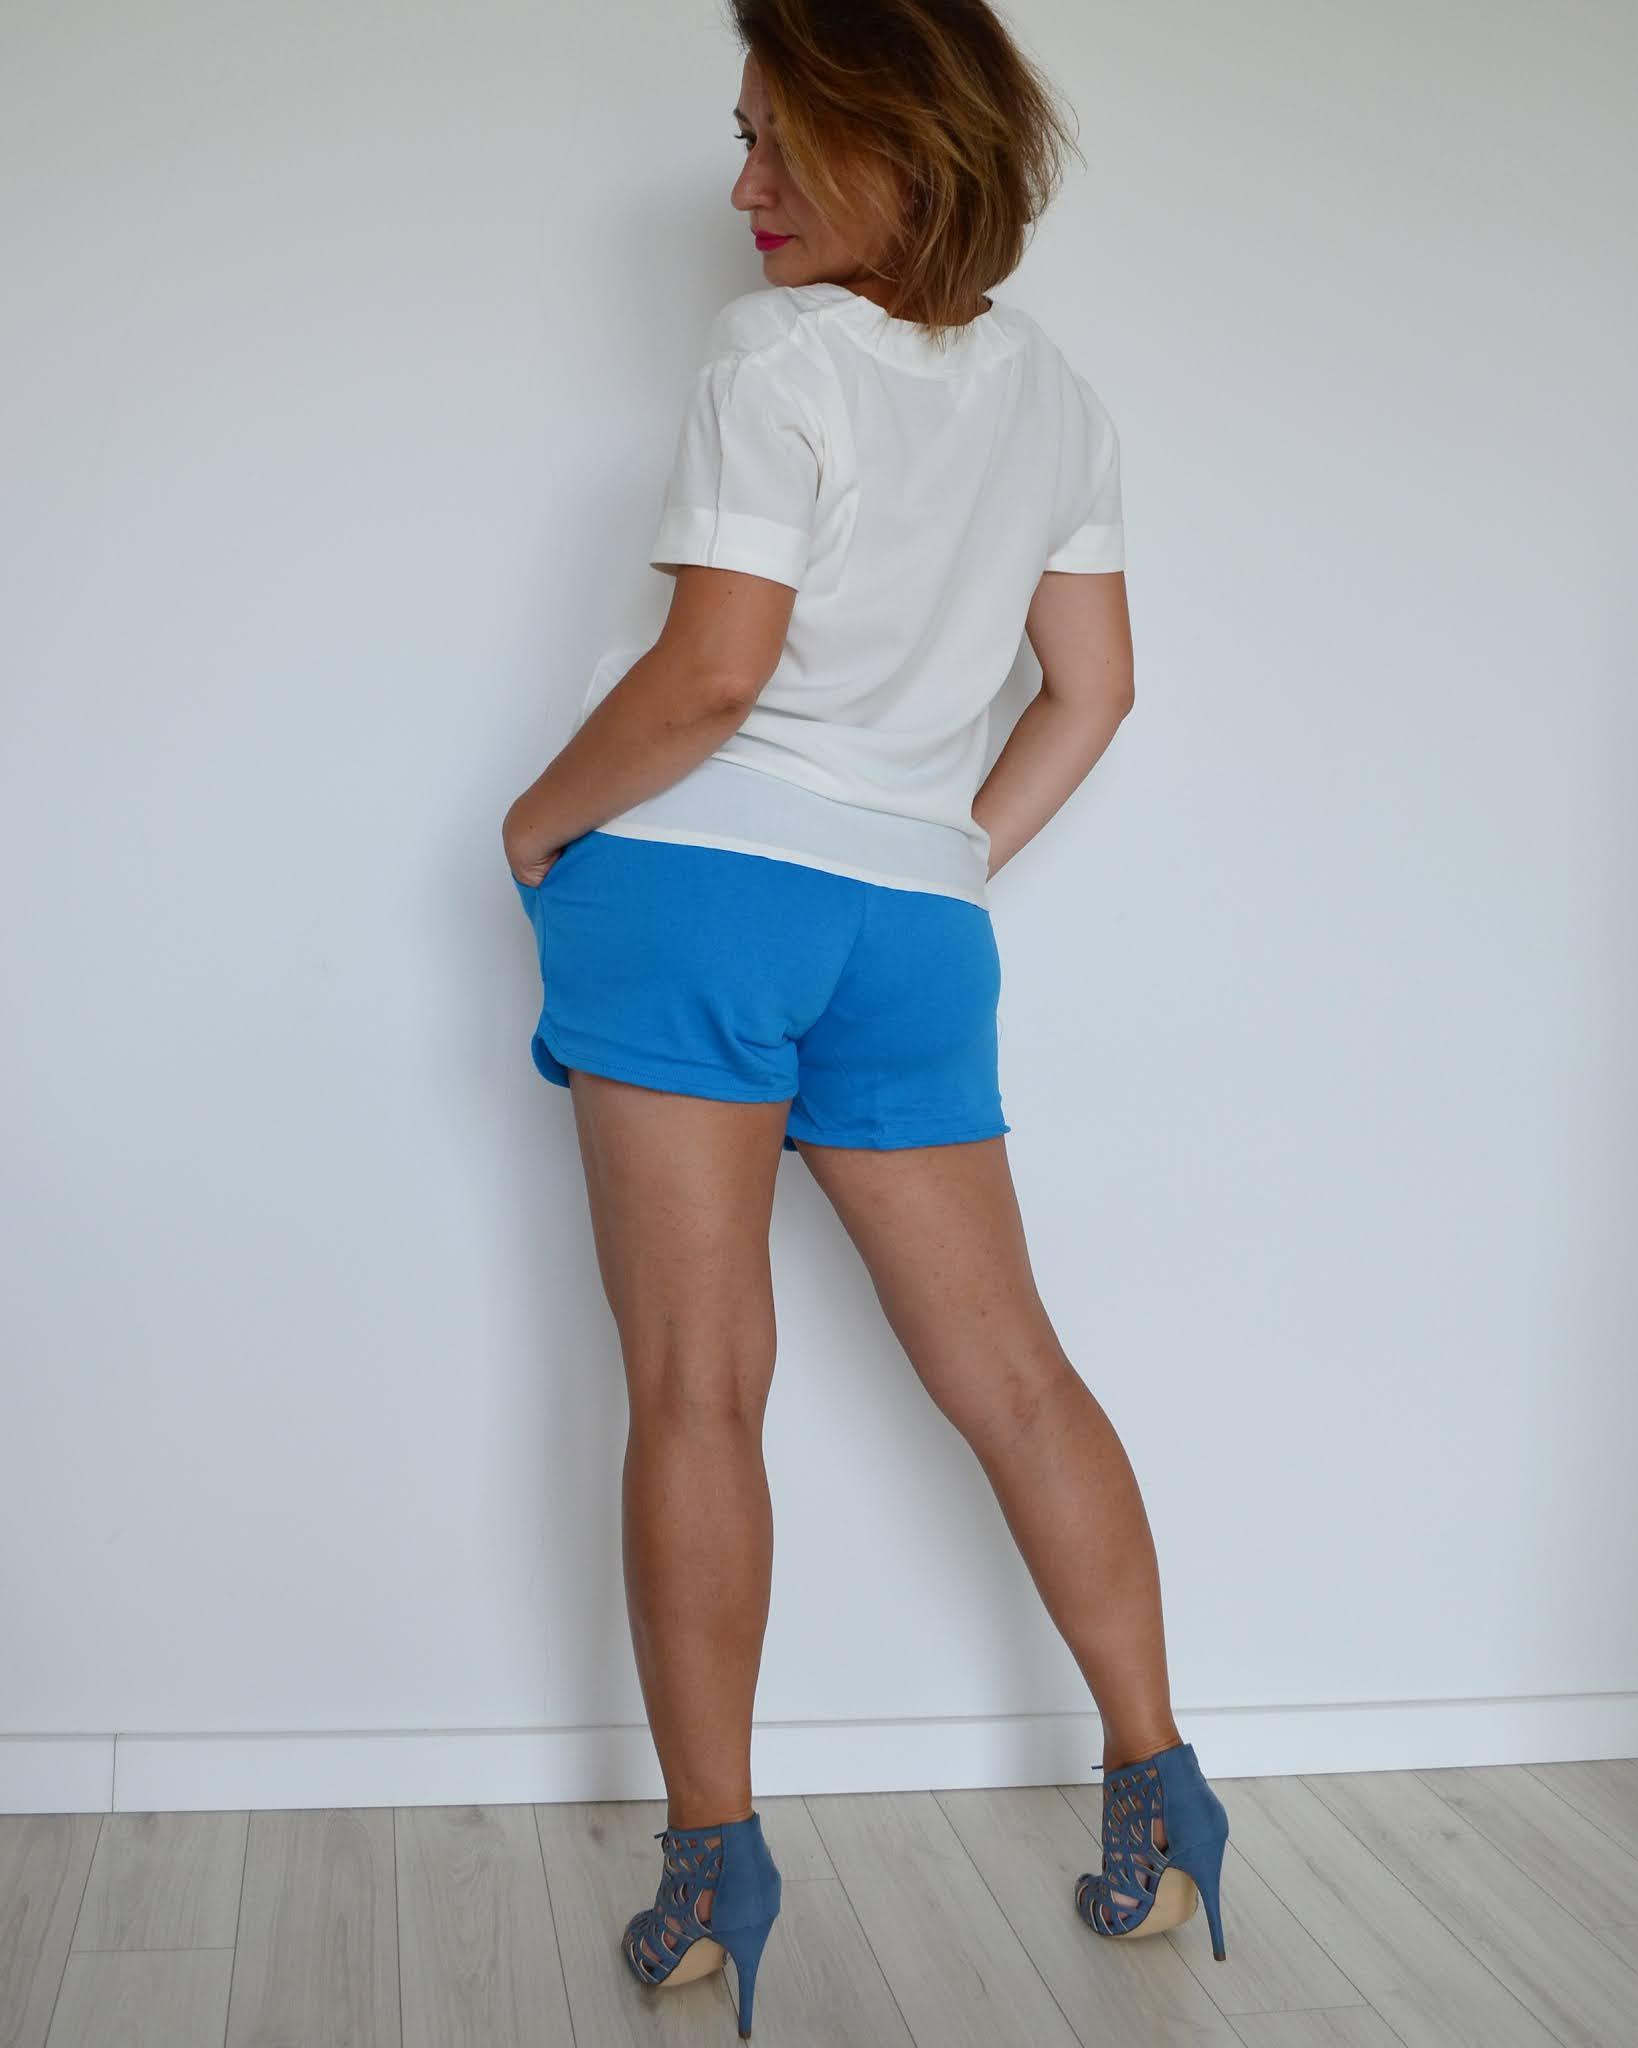 wiskozowa bluzka Bonprix,bawełniane szorty Bonprix,@adrianastyle_stylist,luźny styl,Styl miejski,codzienna stylizacja,www.adriana-style.com,Letnia stylizacja,Blog modowy,Fashion,moda,